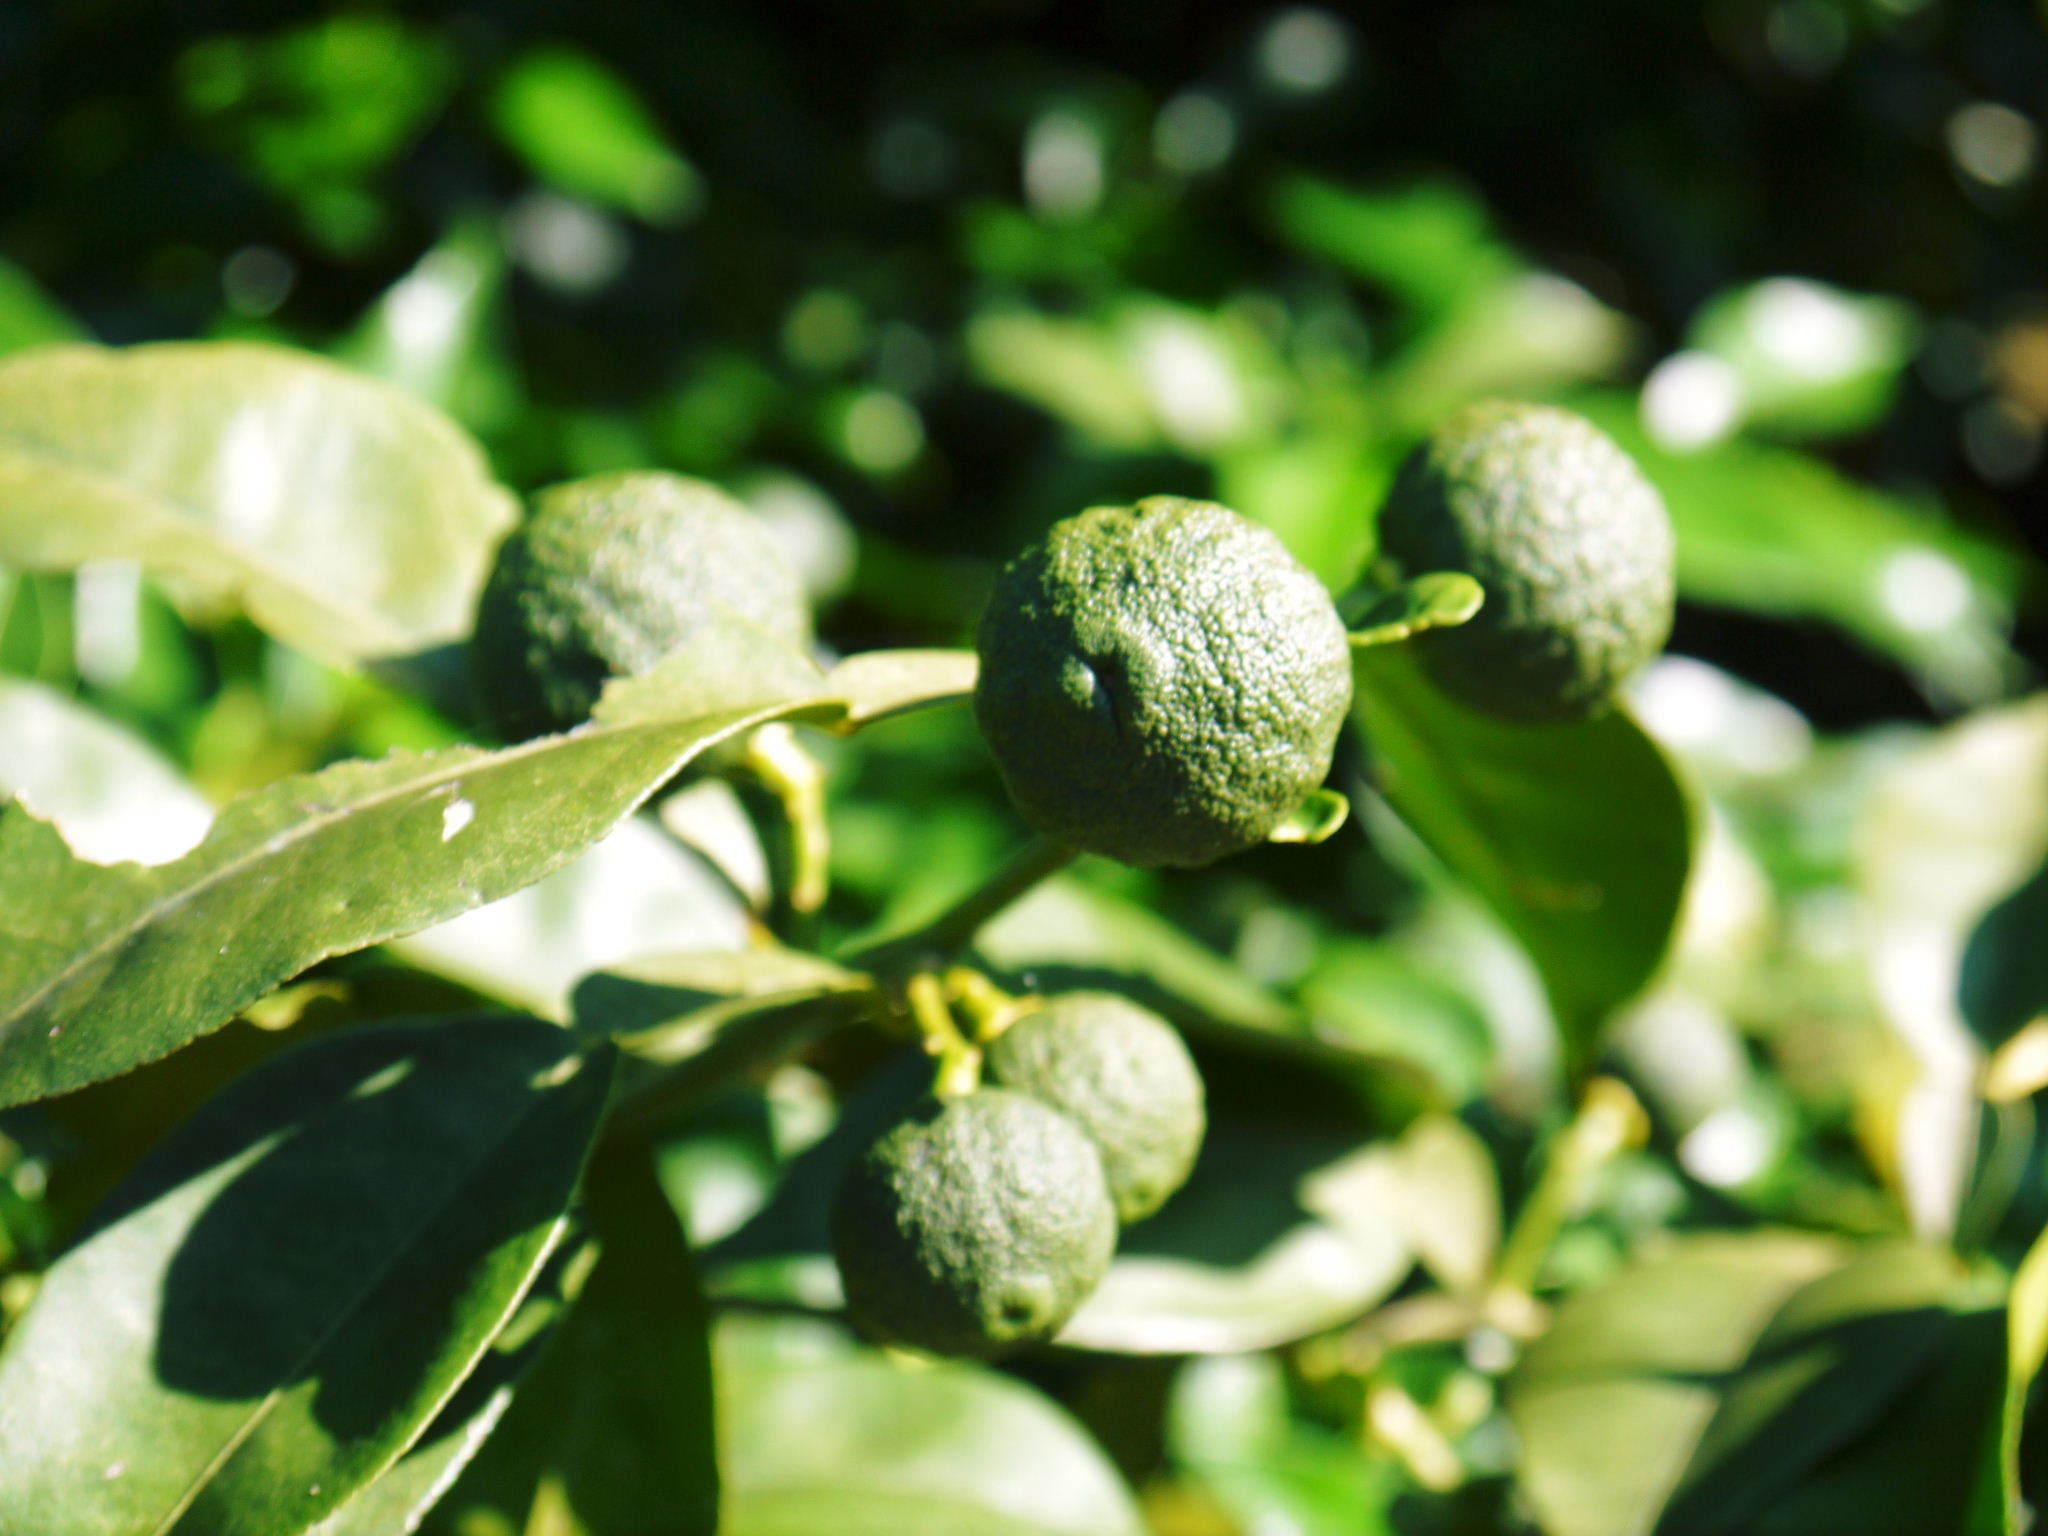 香り高き柚子(ゆず) 着果の様子を現地取材(2020) 今年もまずは青柚子を9月中旬からの出荷予定です!_a0254656_18511482.jpg